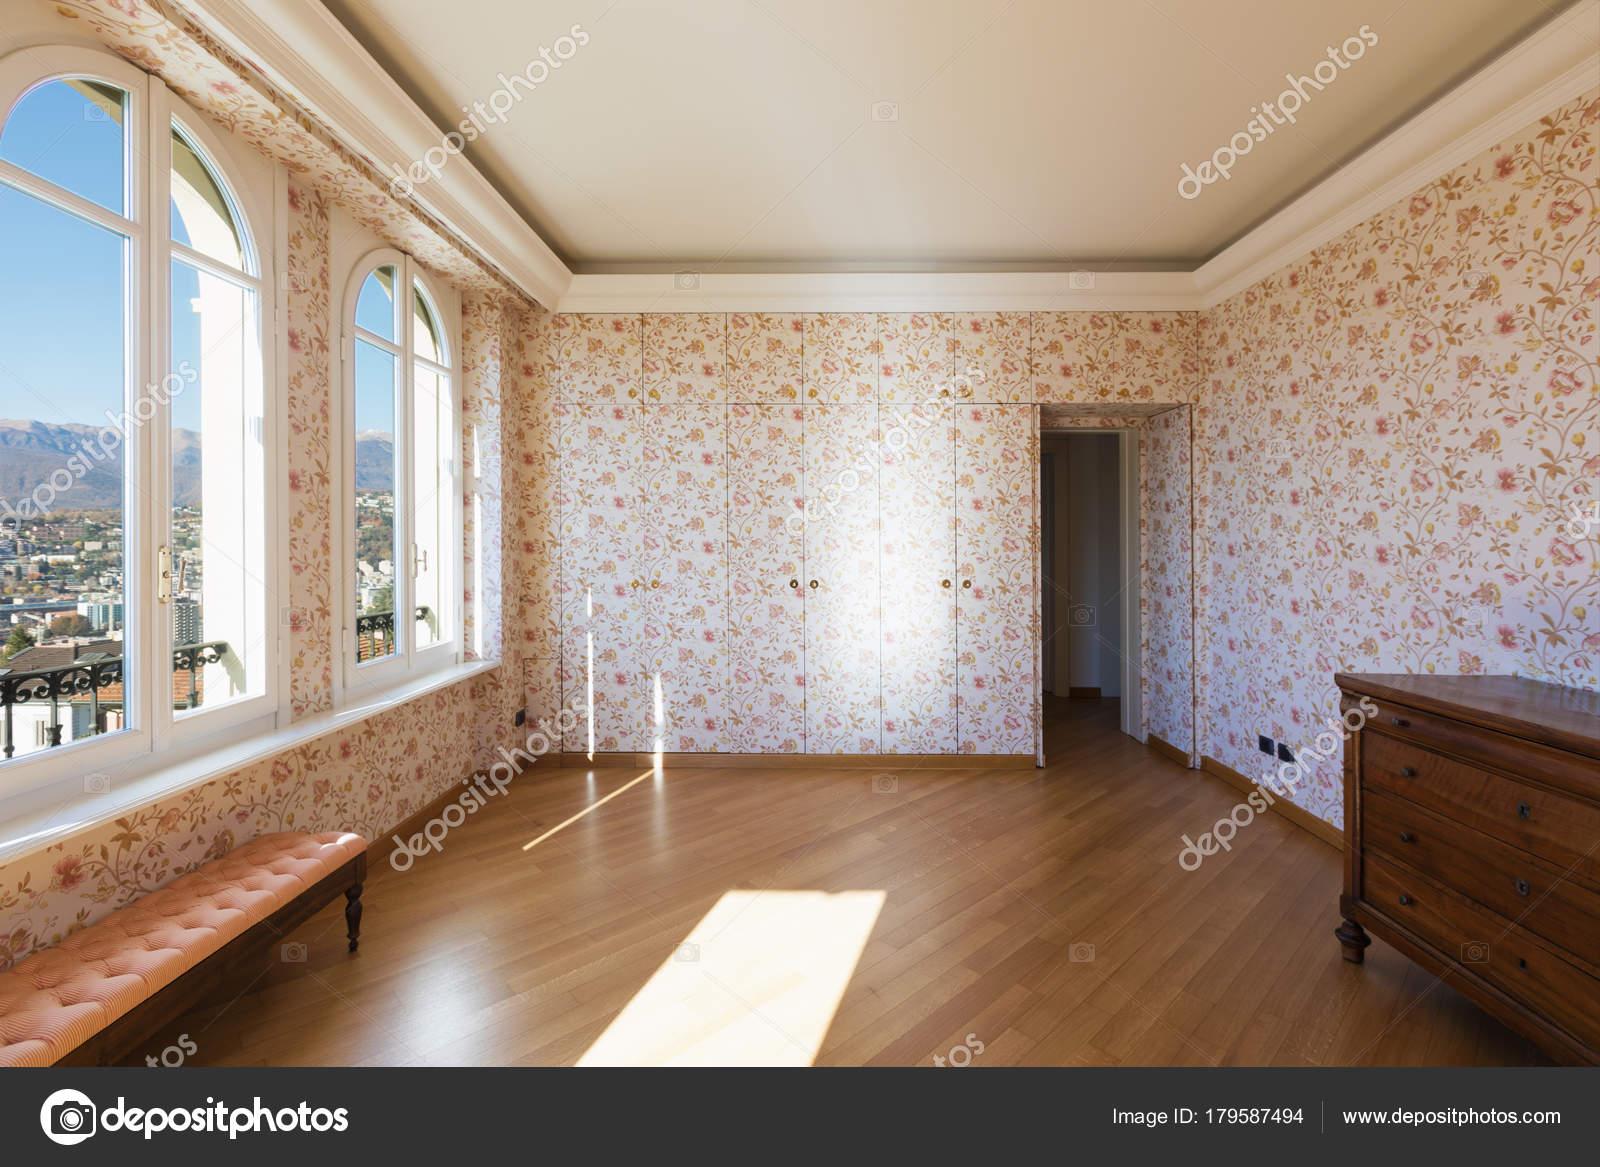 Retro kamer met bloemen behang u stockfoto zveiger